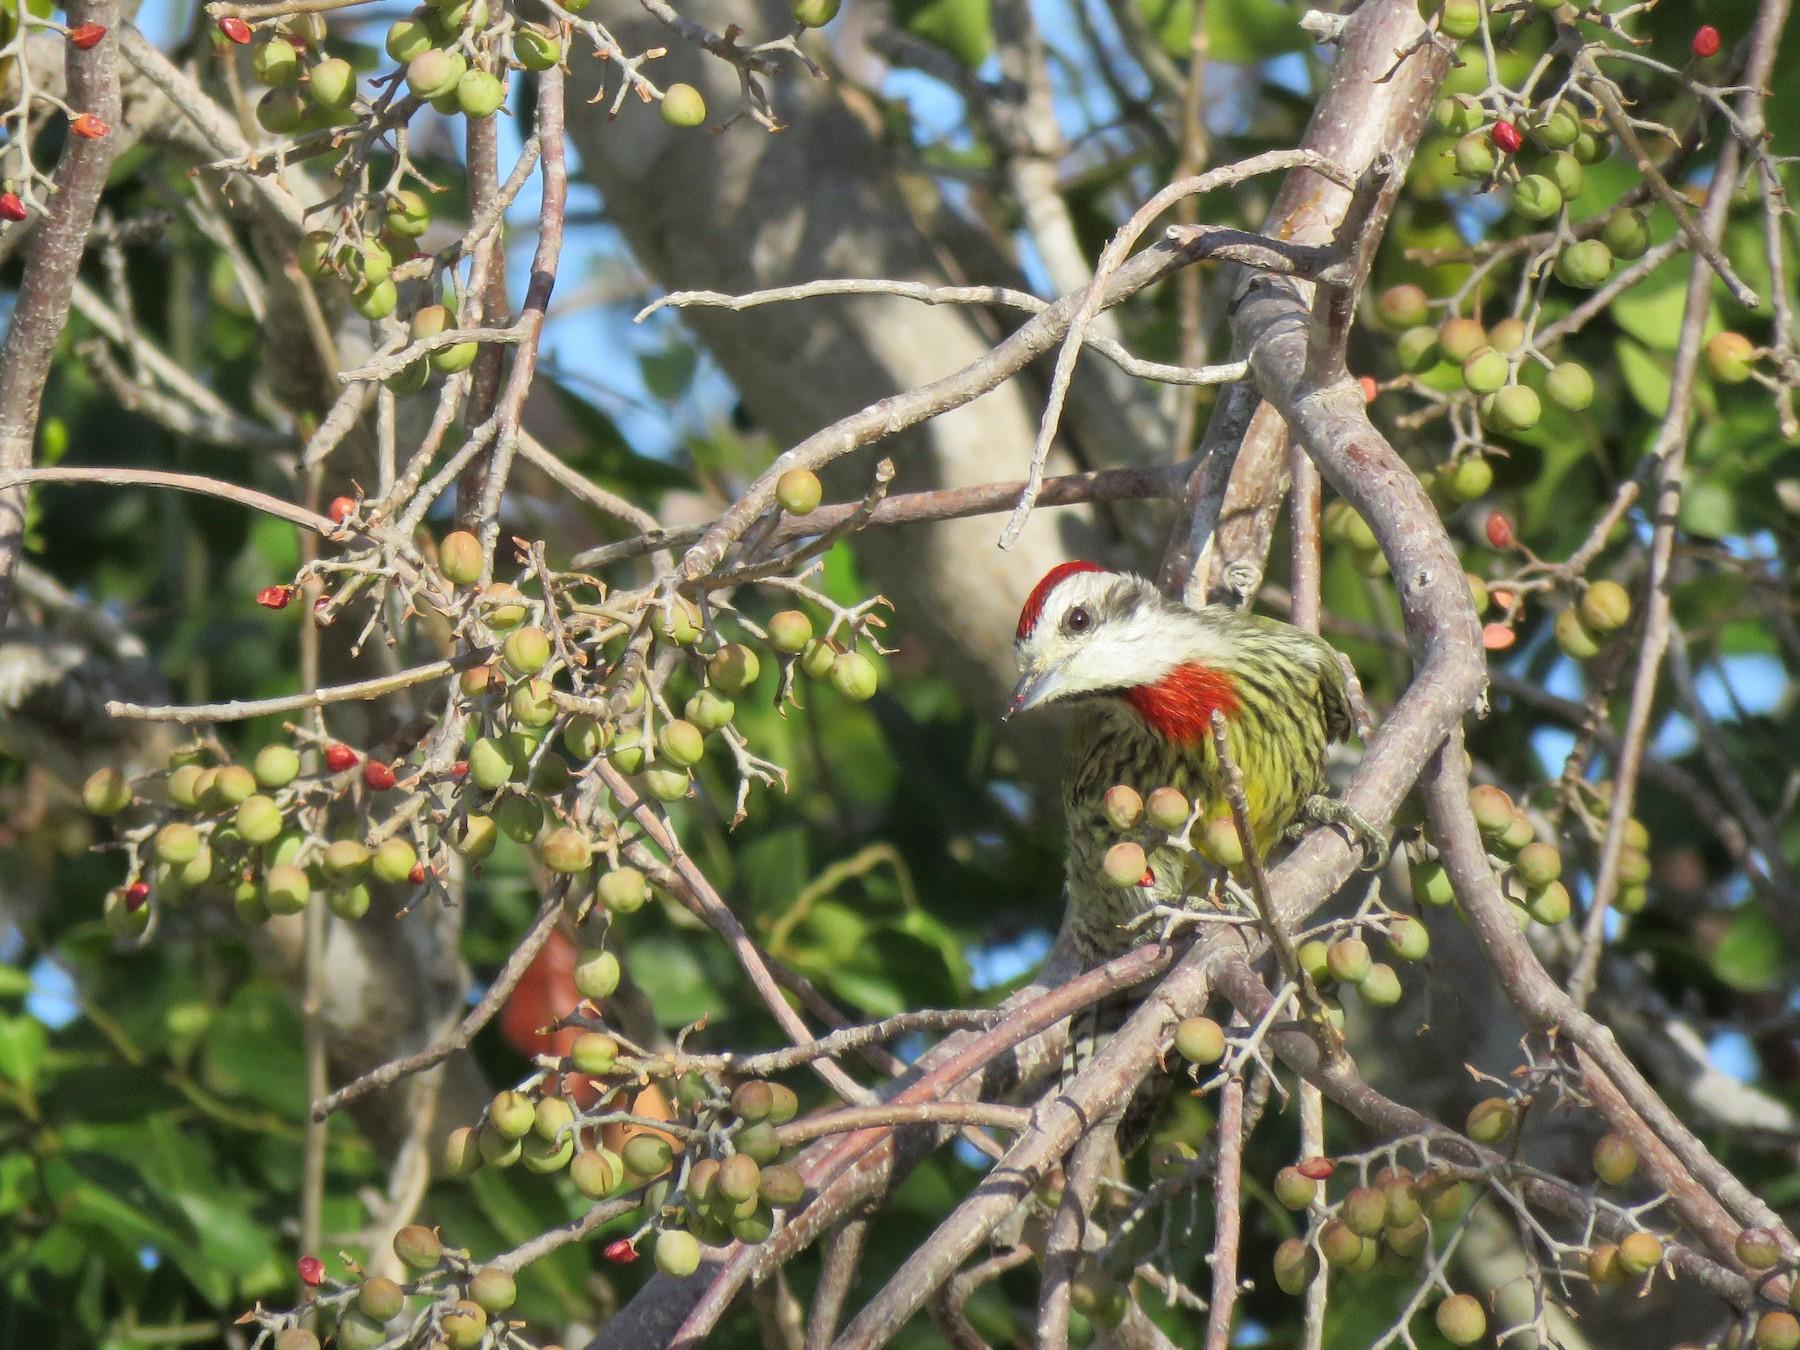 Cuban Green Woodpecker - Thomas Hinnebusch